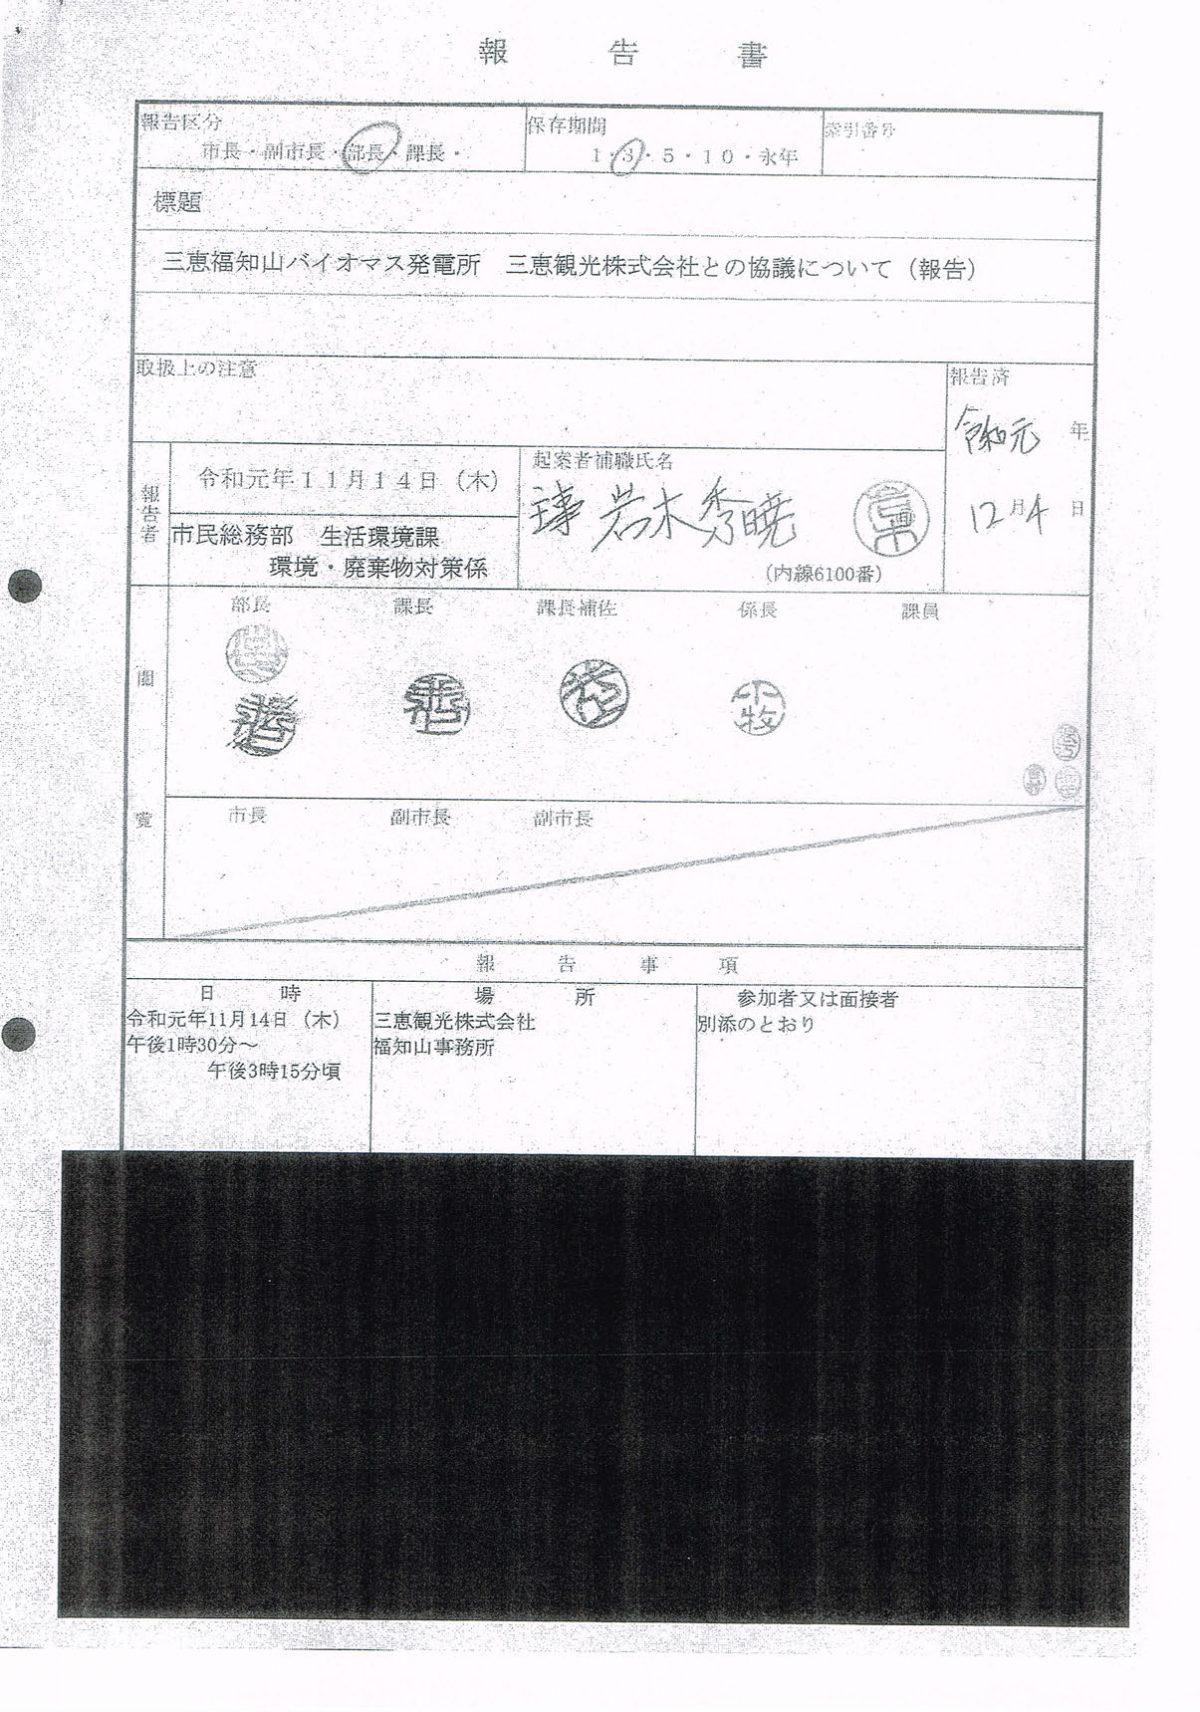 意味の無い福知山市の情報公開制度